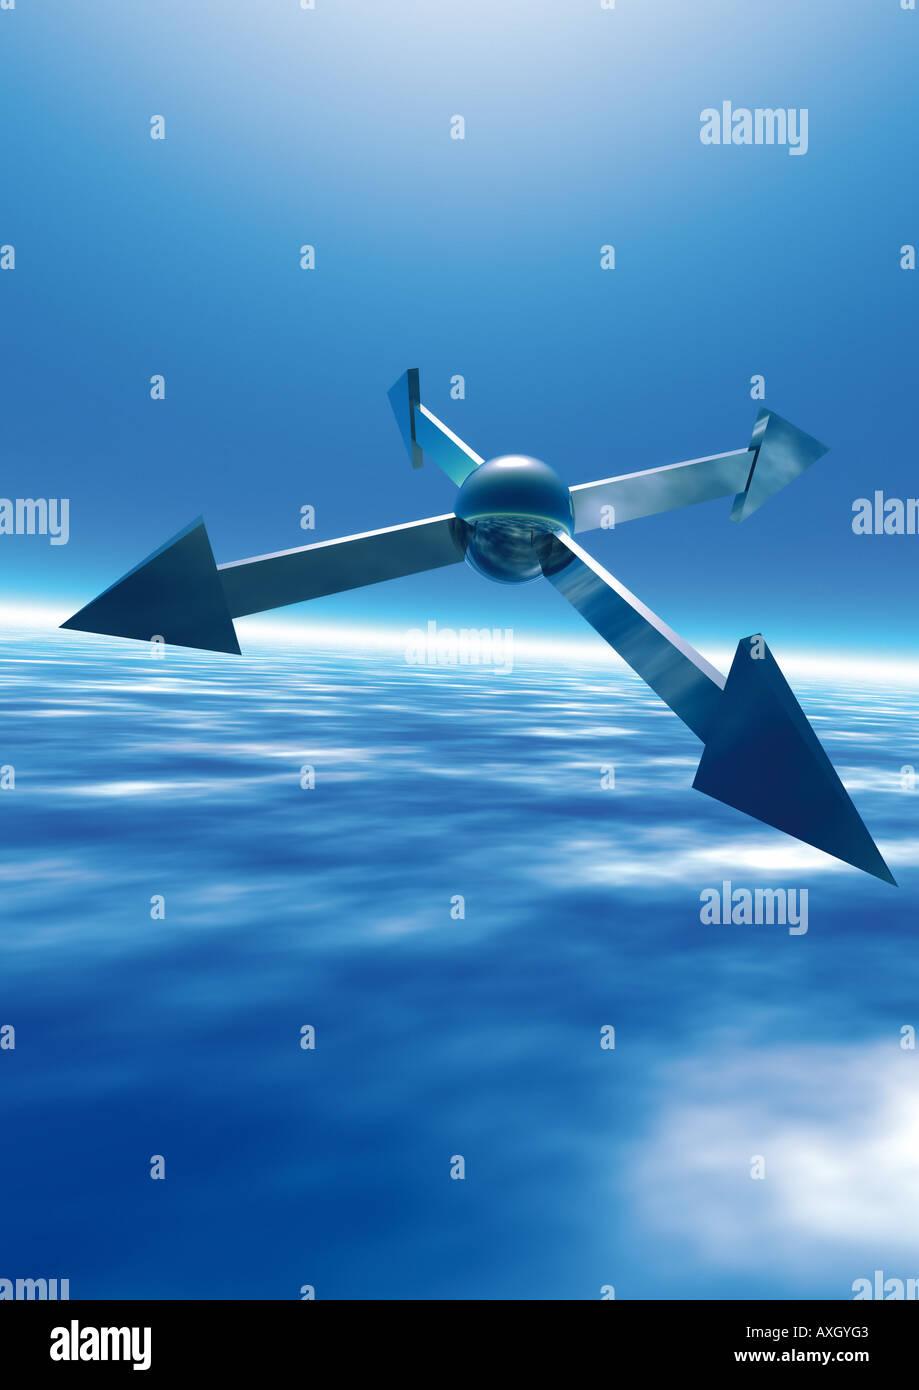 Arrows in 4 directions Pfeile in 4 Himmelsrichtungen Stock Photo